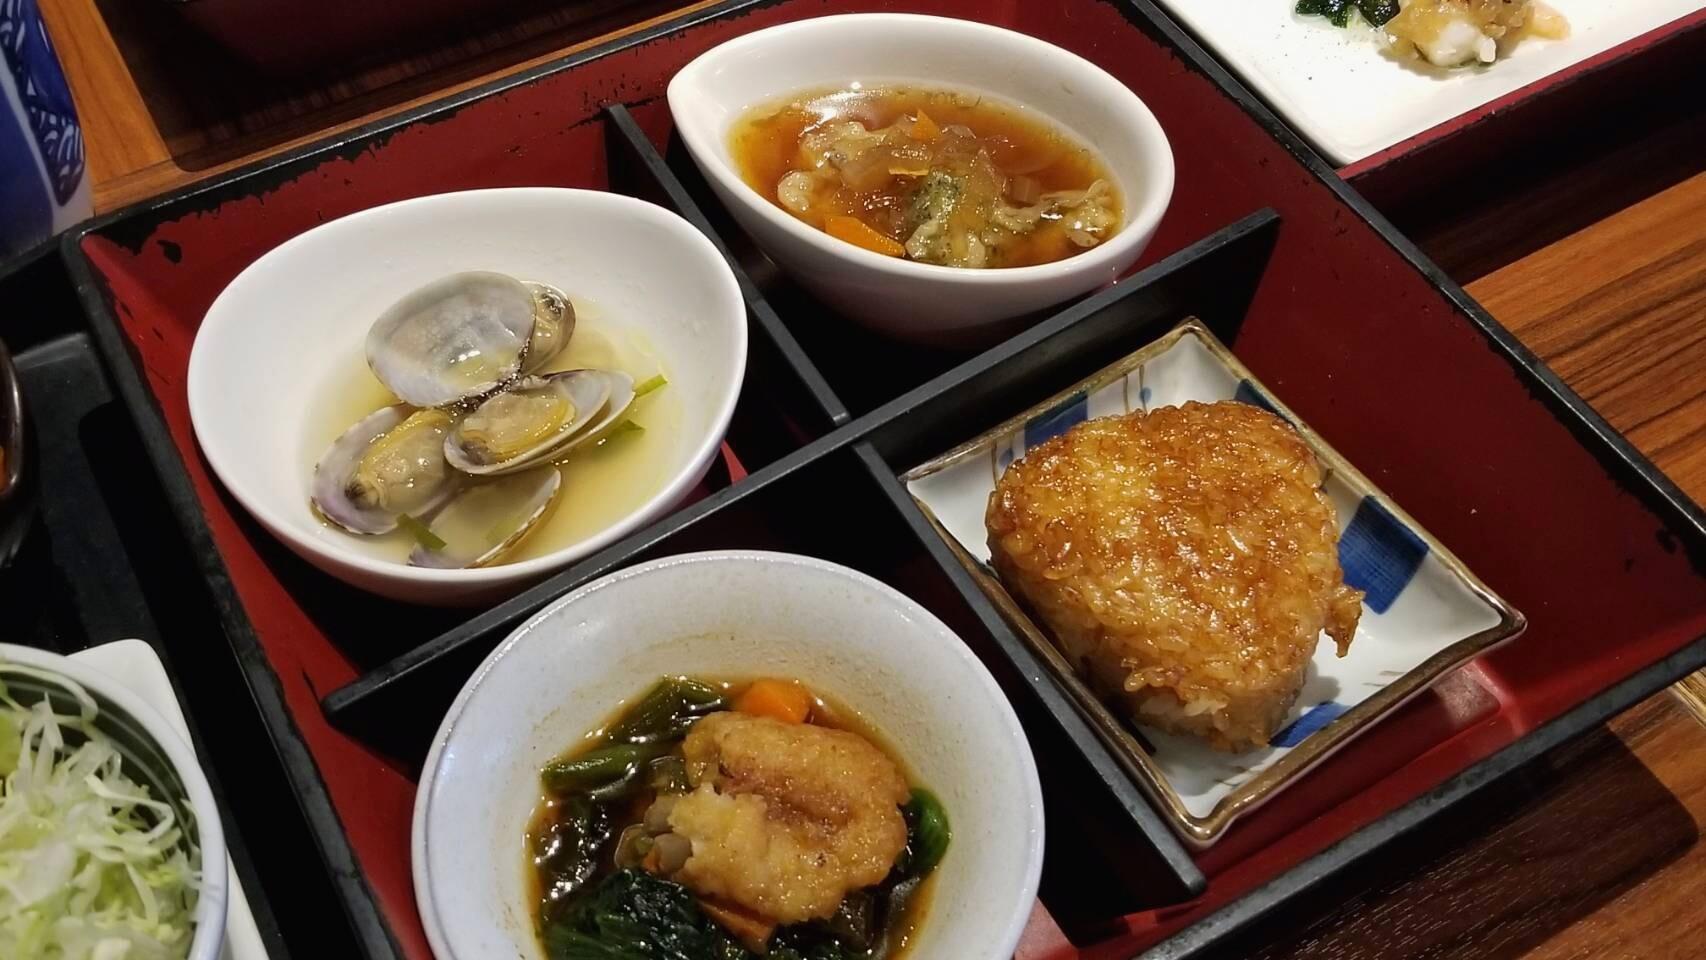 愛媛県伊予郡グルメ好きランチ安いおいしい喫茶蔵あこう三段重四国